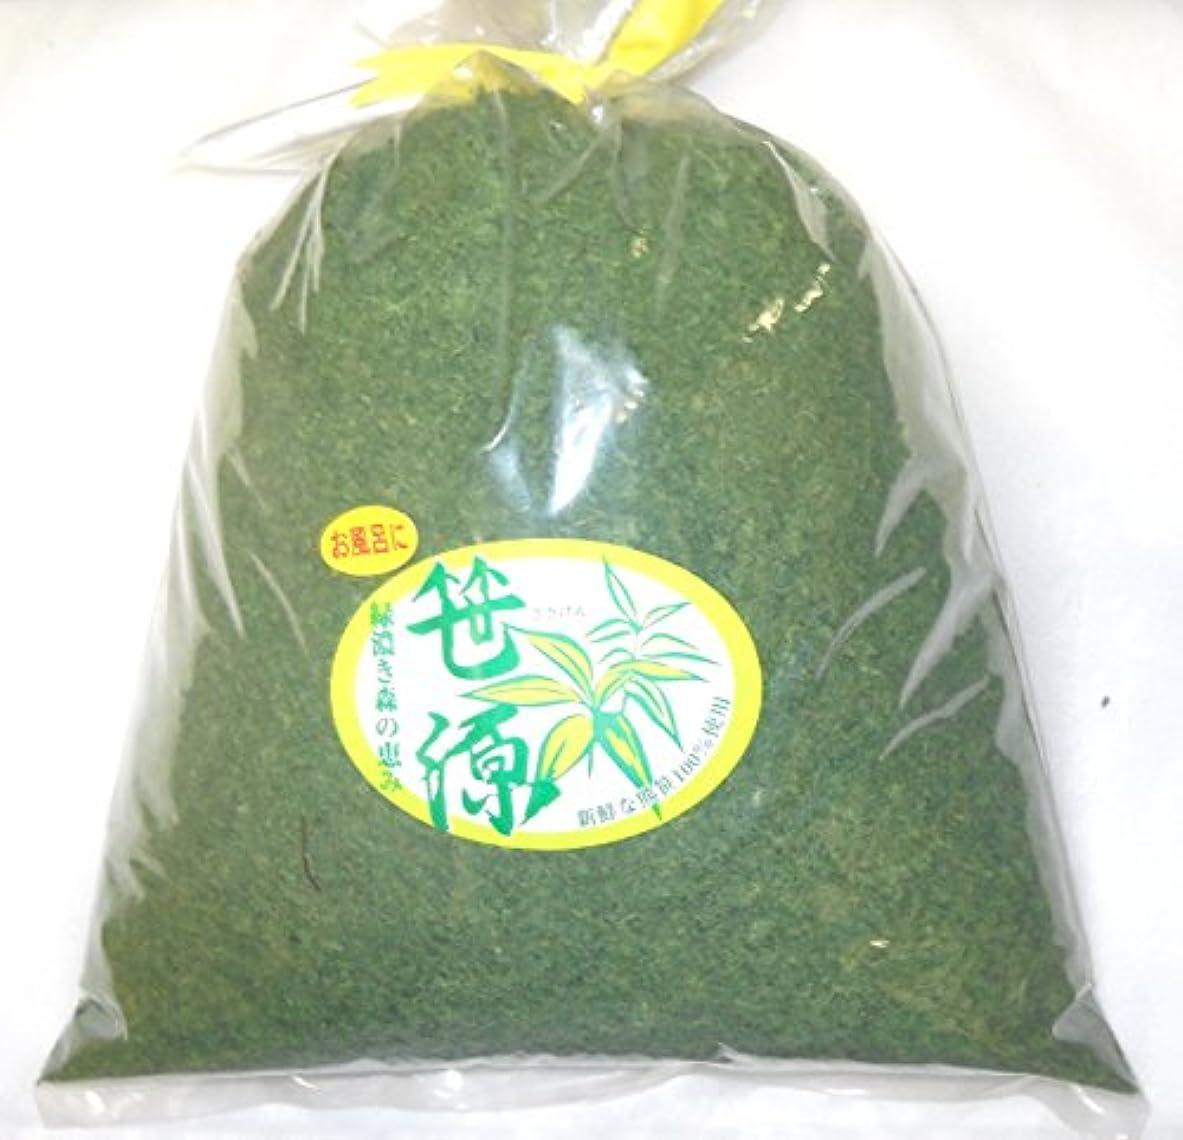 安定脅威応用【産地直送】長野県産クマ笹 笹源(生)2kg 無添加浴用剤